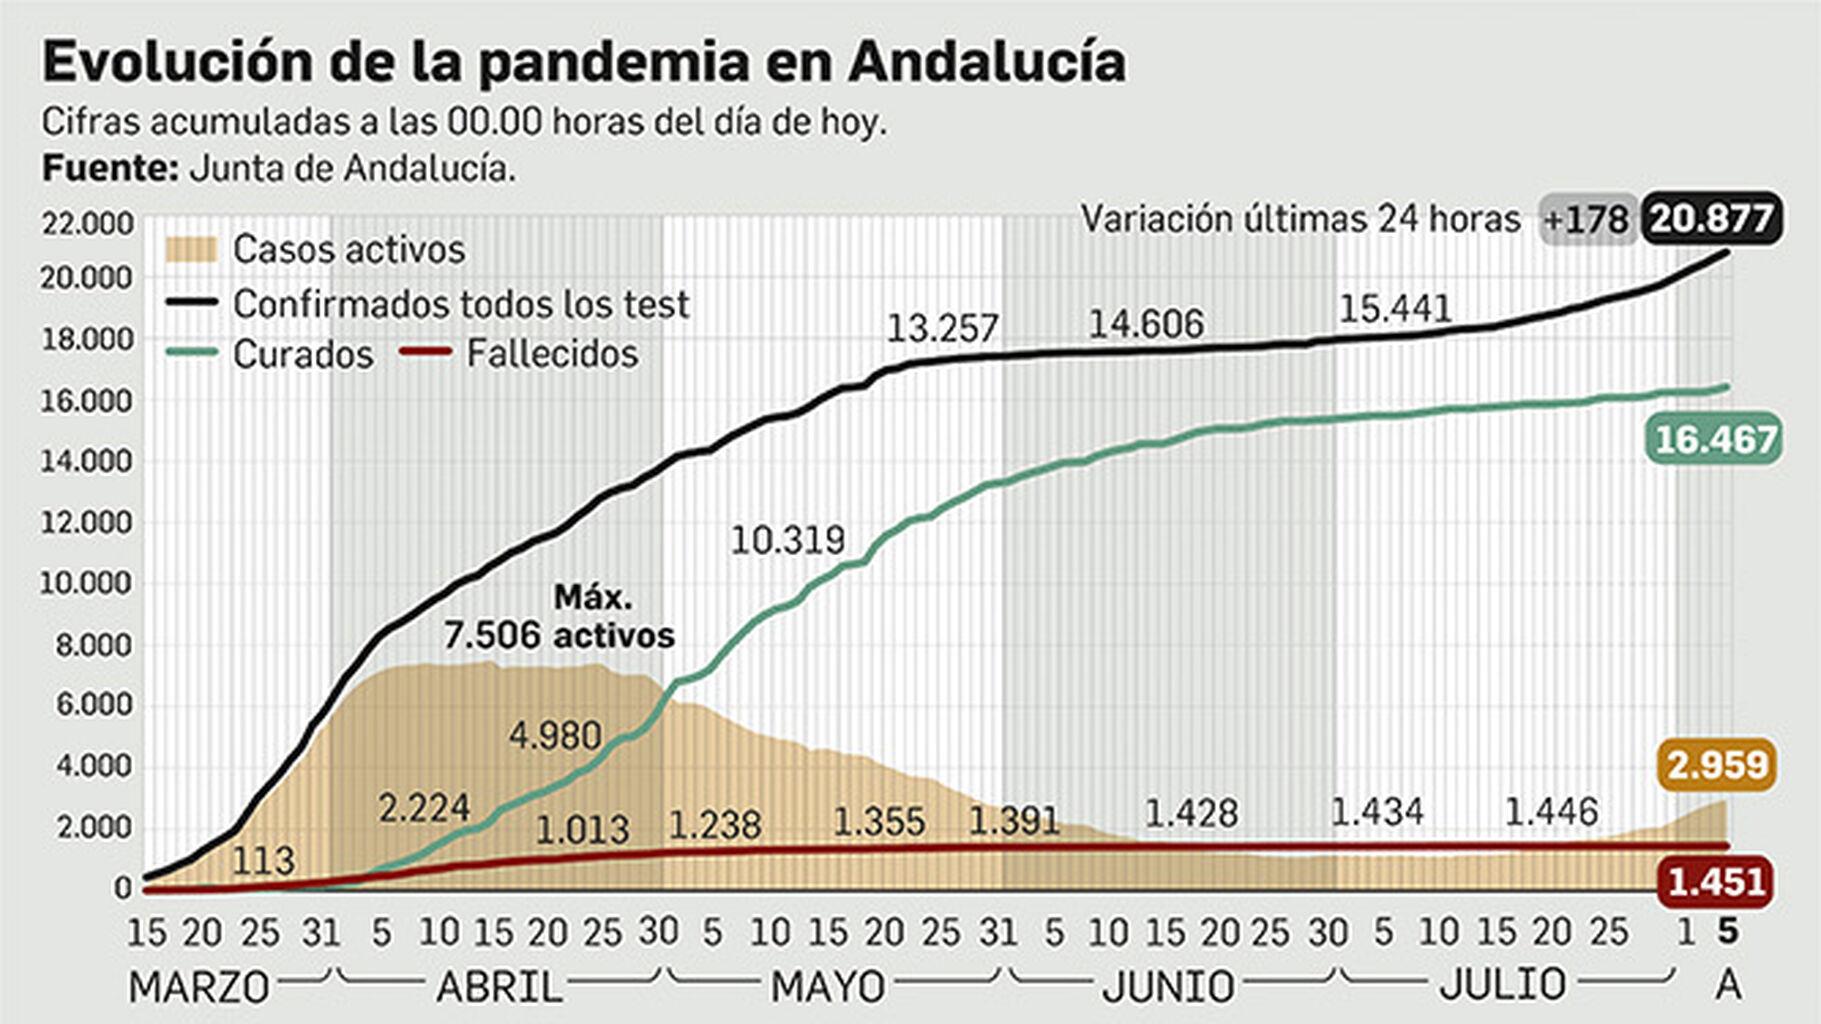 Nuevo incremento en los ingresos hospitalarios por Covid-19 en Andalucía